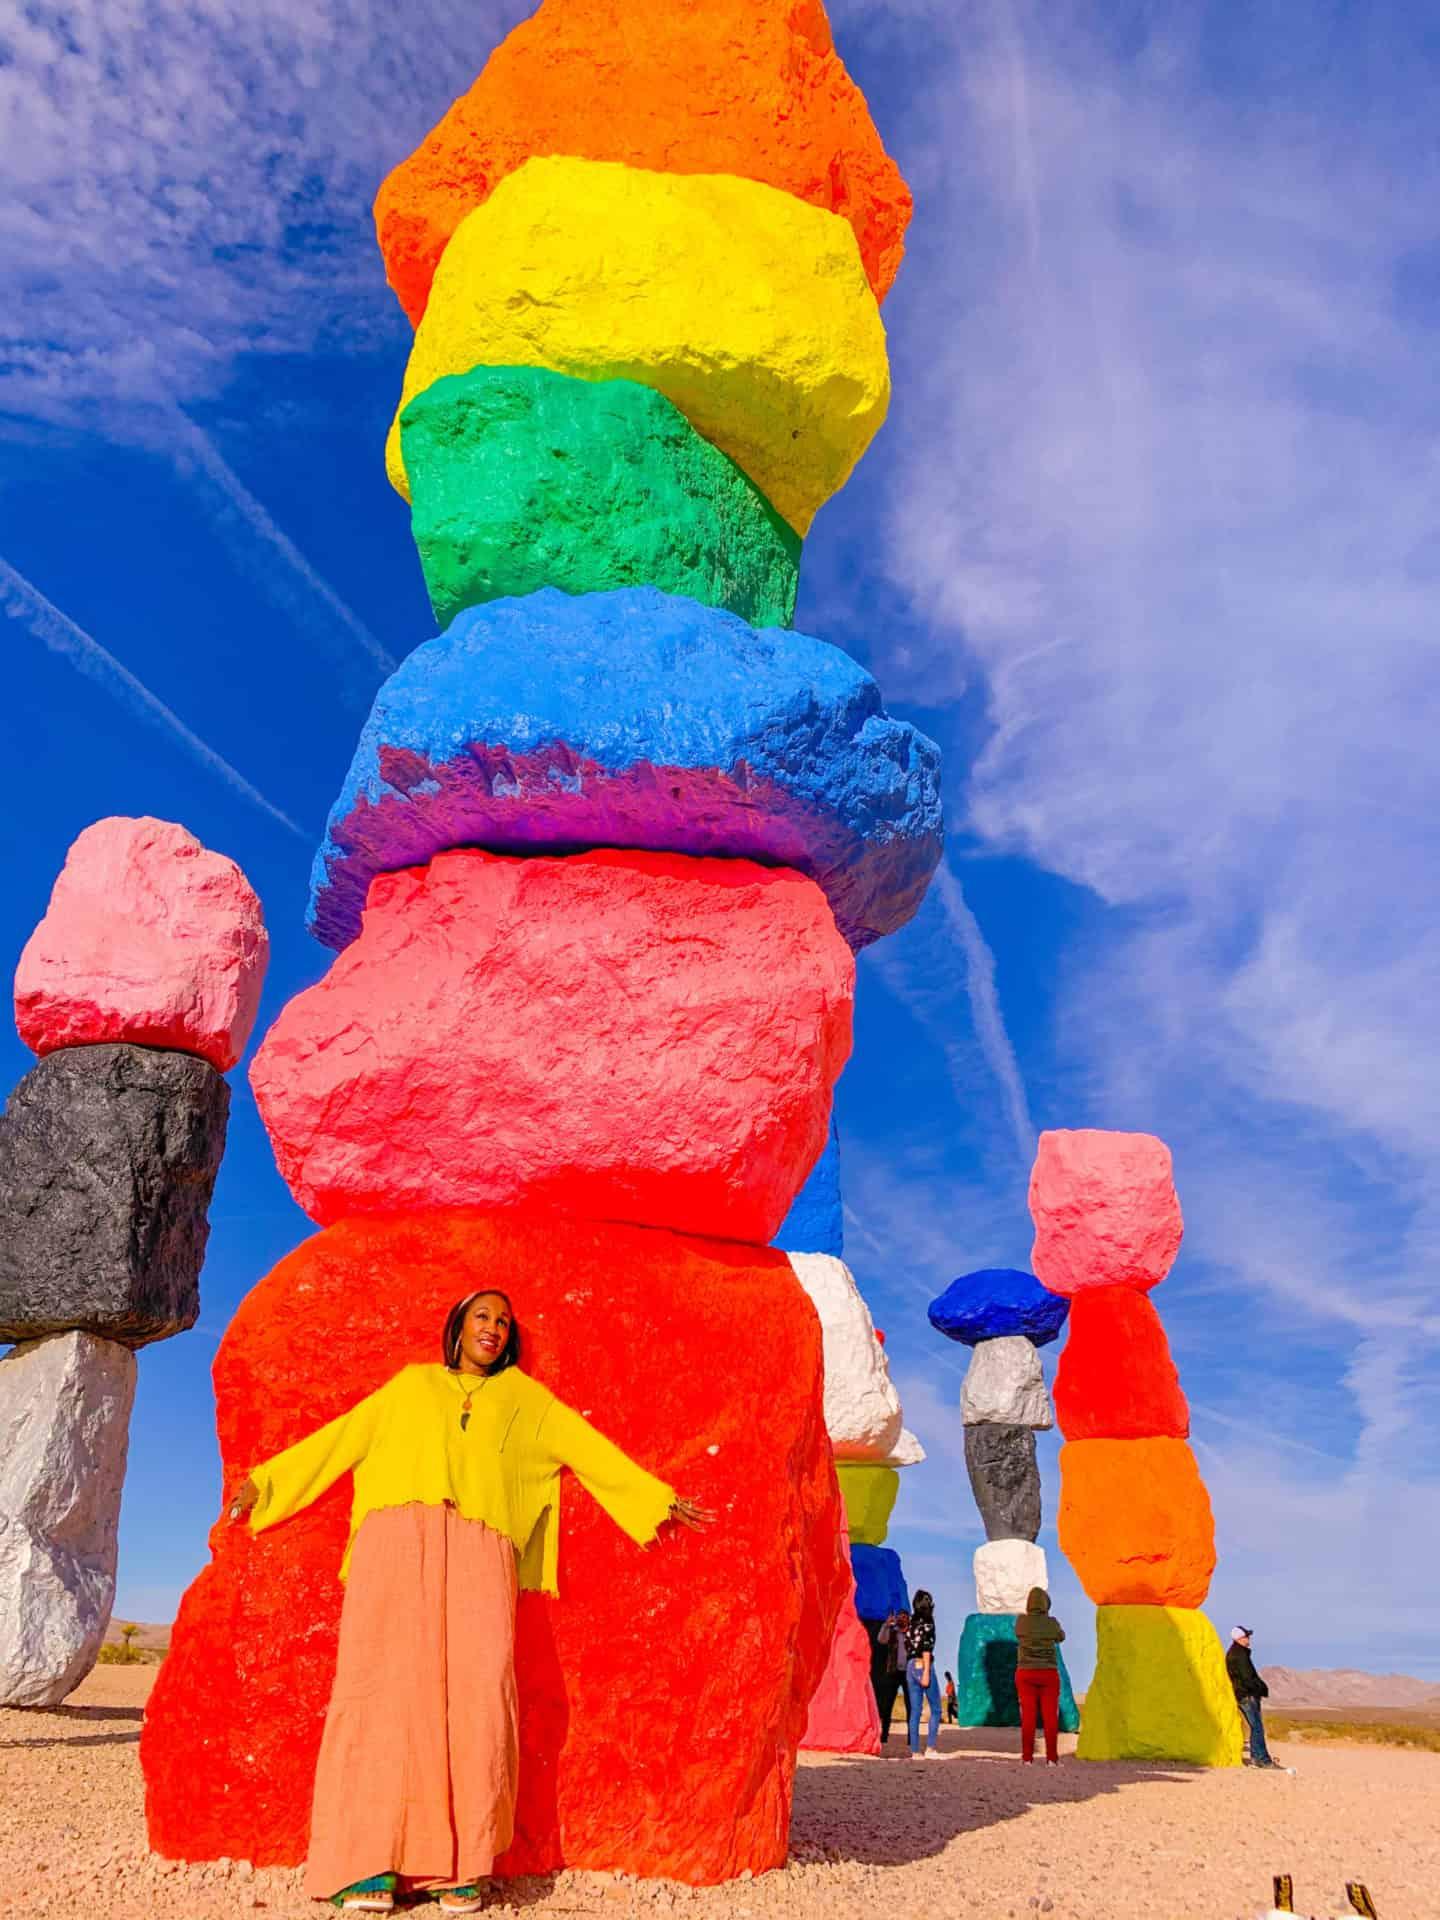 Las Vegas Day Trip Visit Seven Magic Mountains